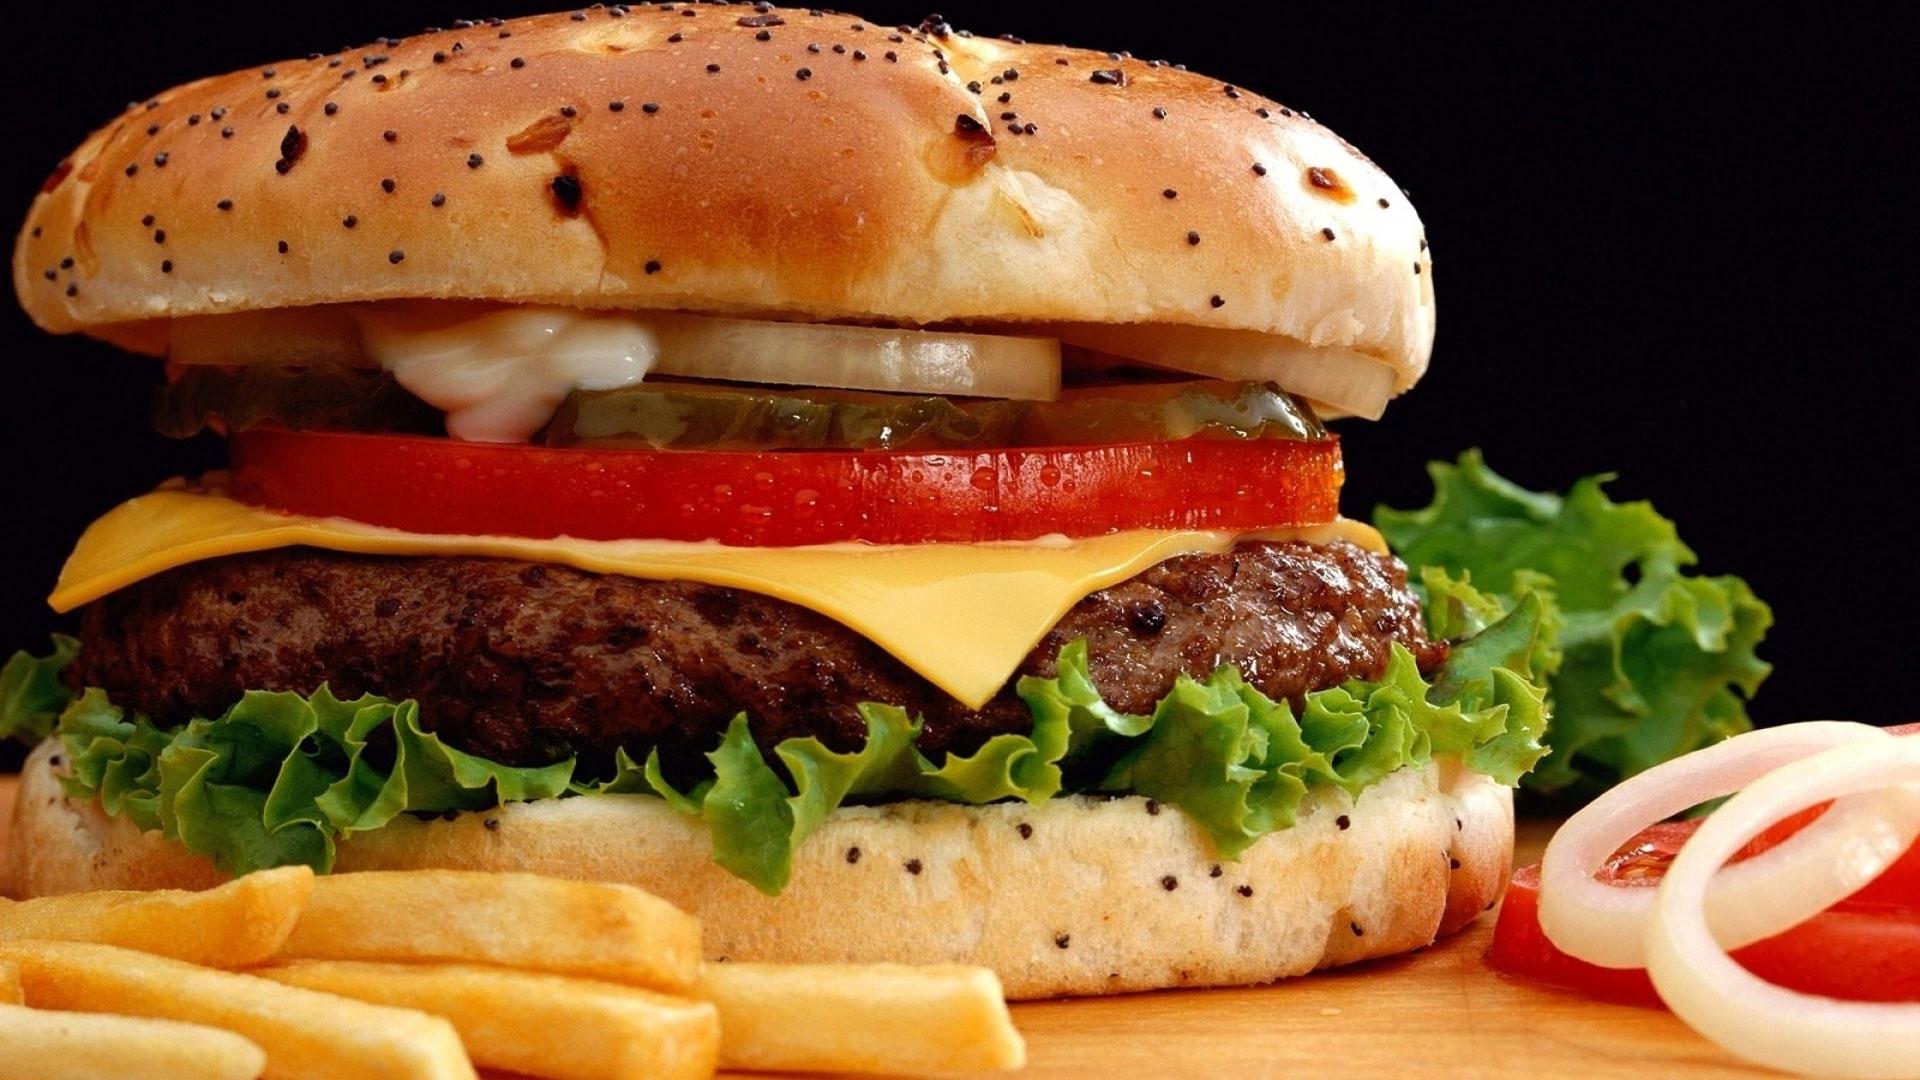 В США на детских каналах больше рекламируют вредные продукты питания